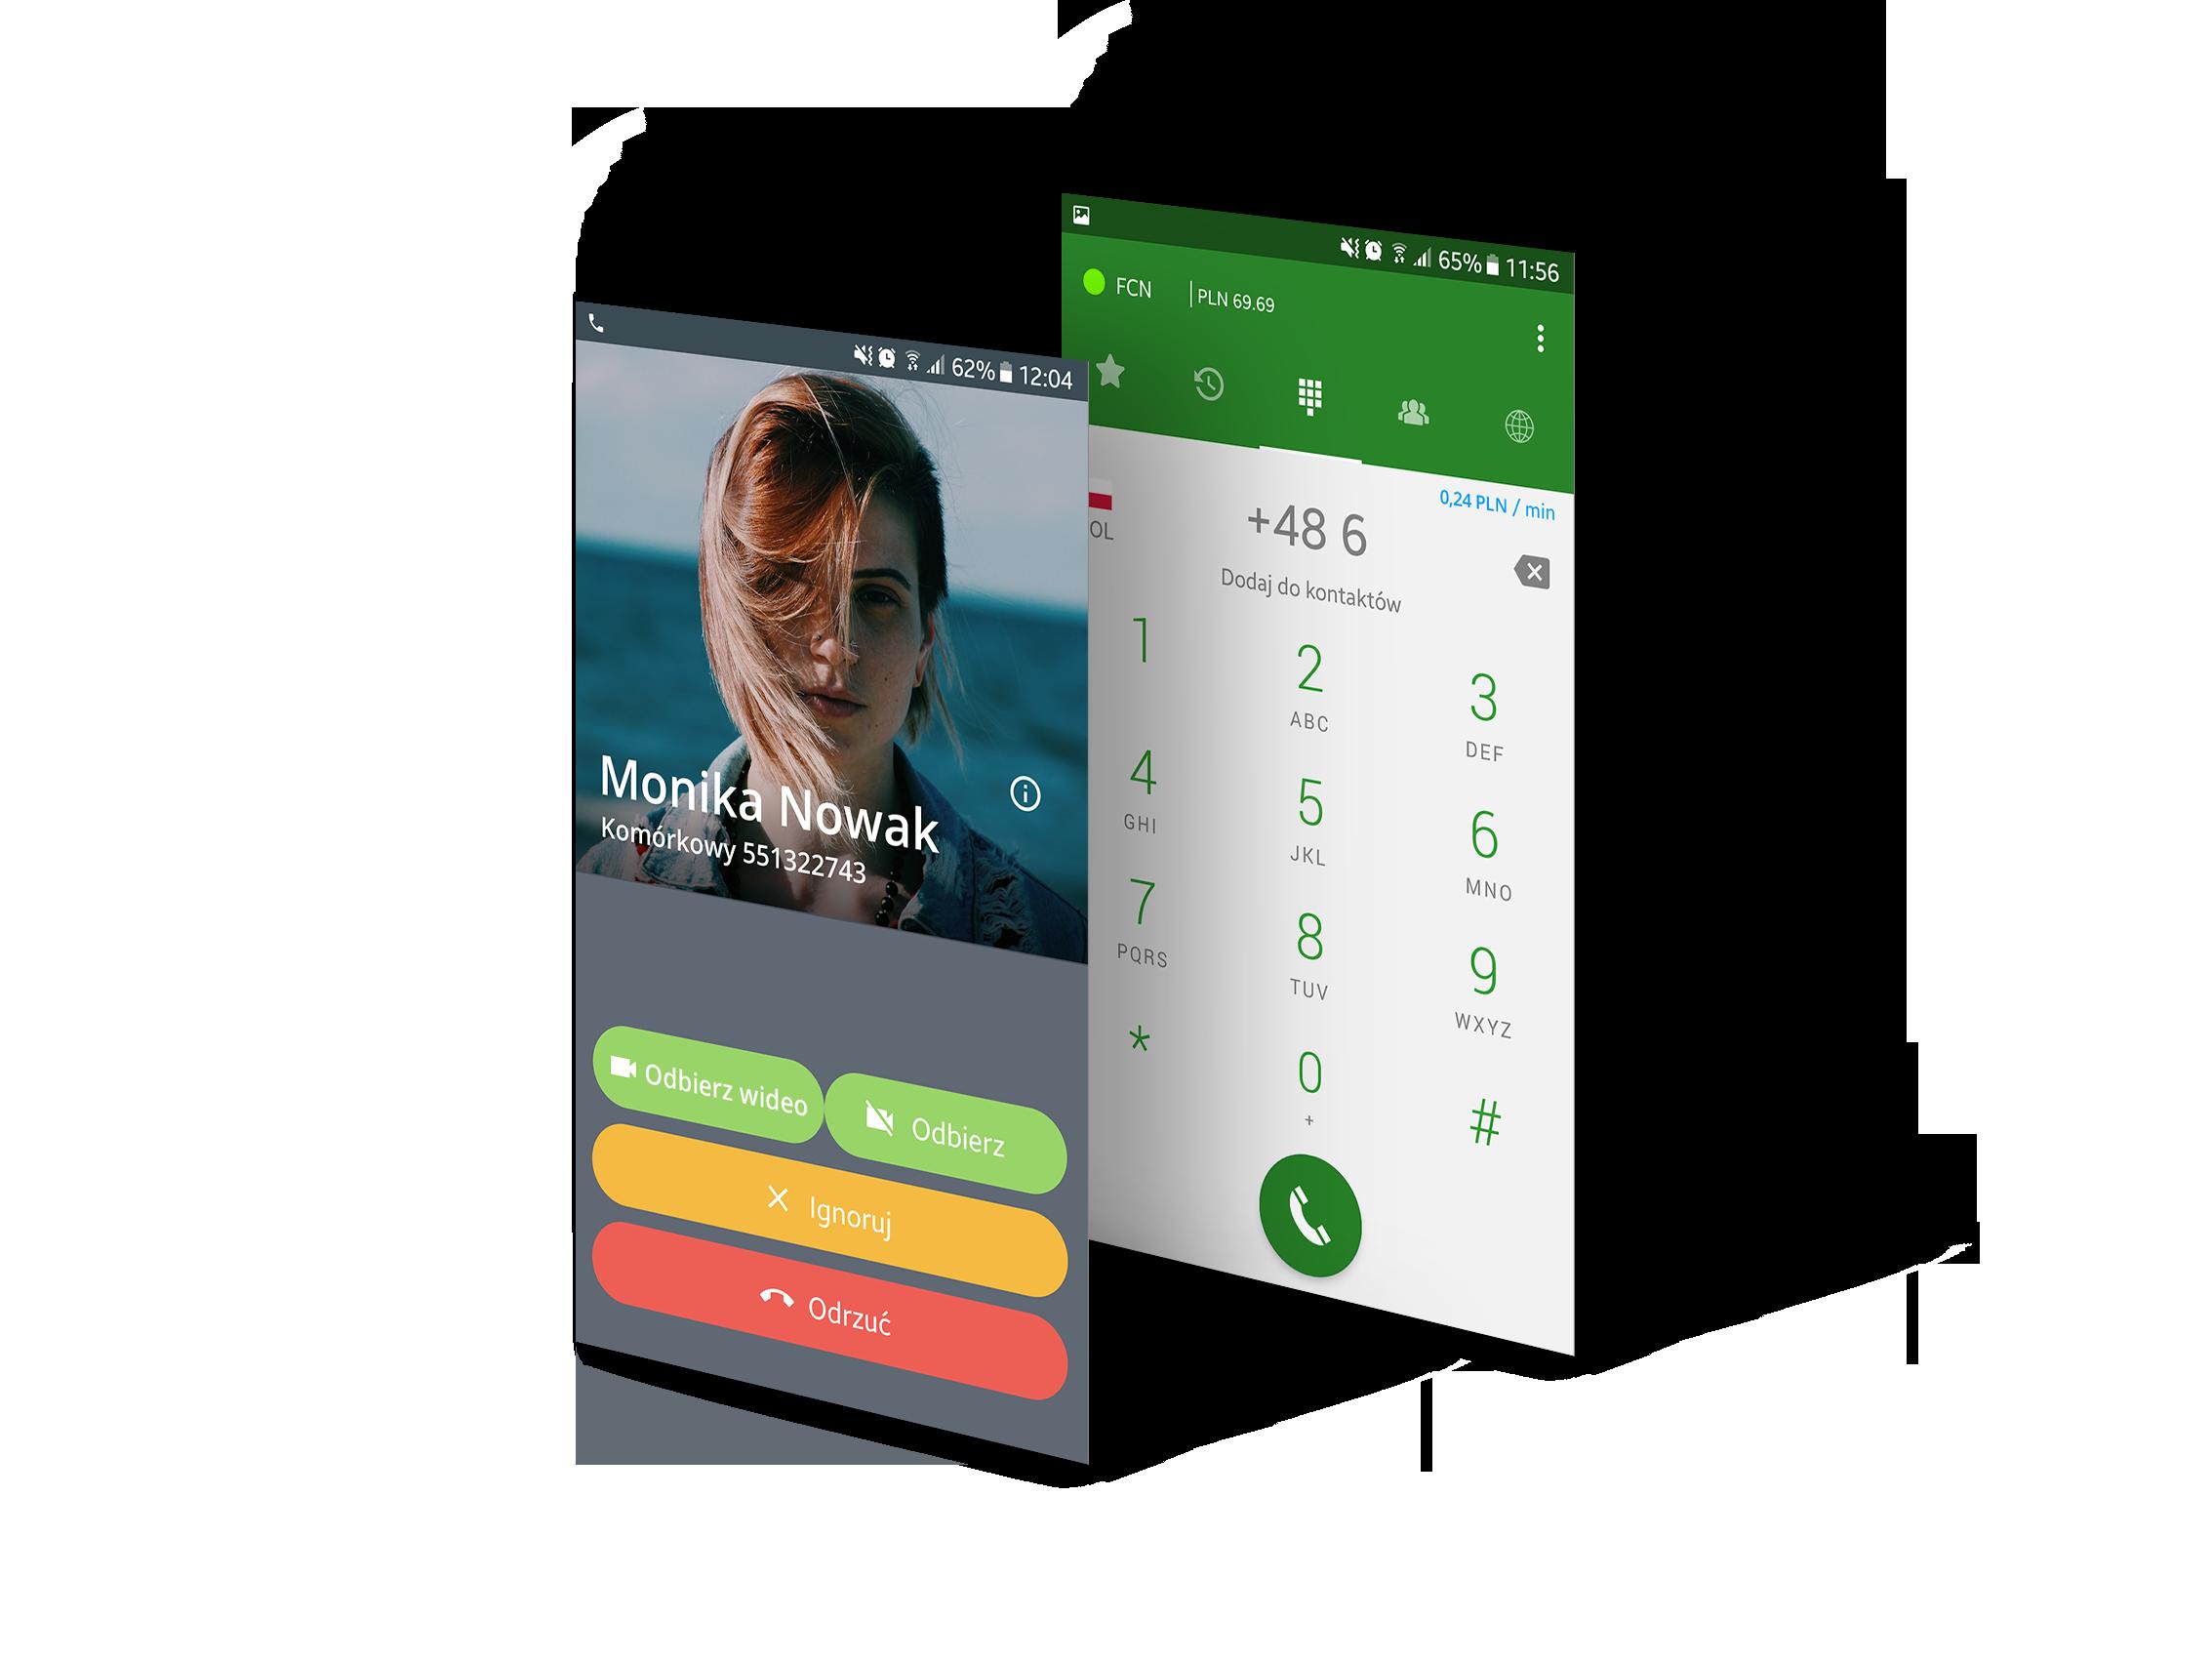 Ekrany aplikacji Telefon FCN - ekran odbioru połączenia i klawiatury z saldem i ceną minuty rozmowy